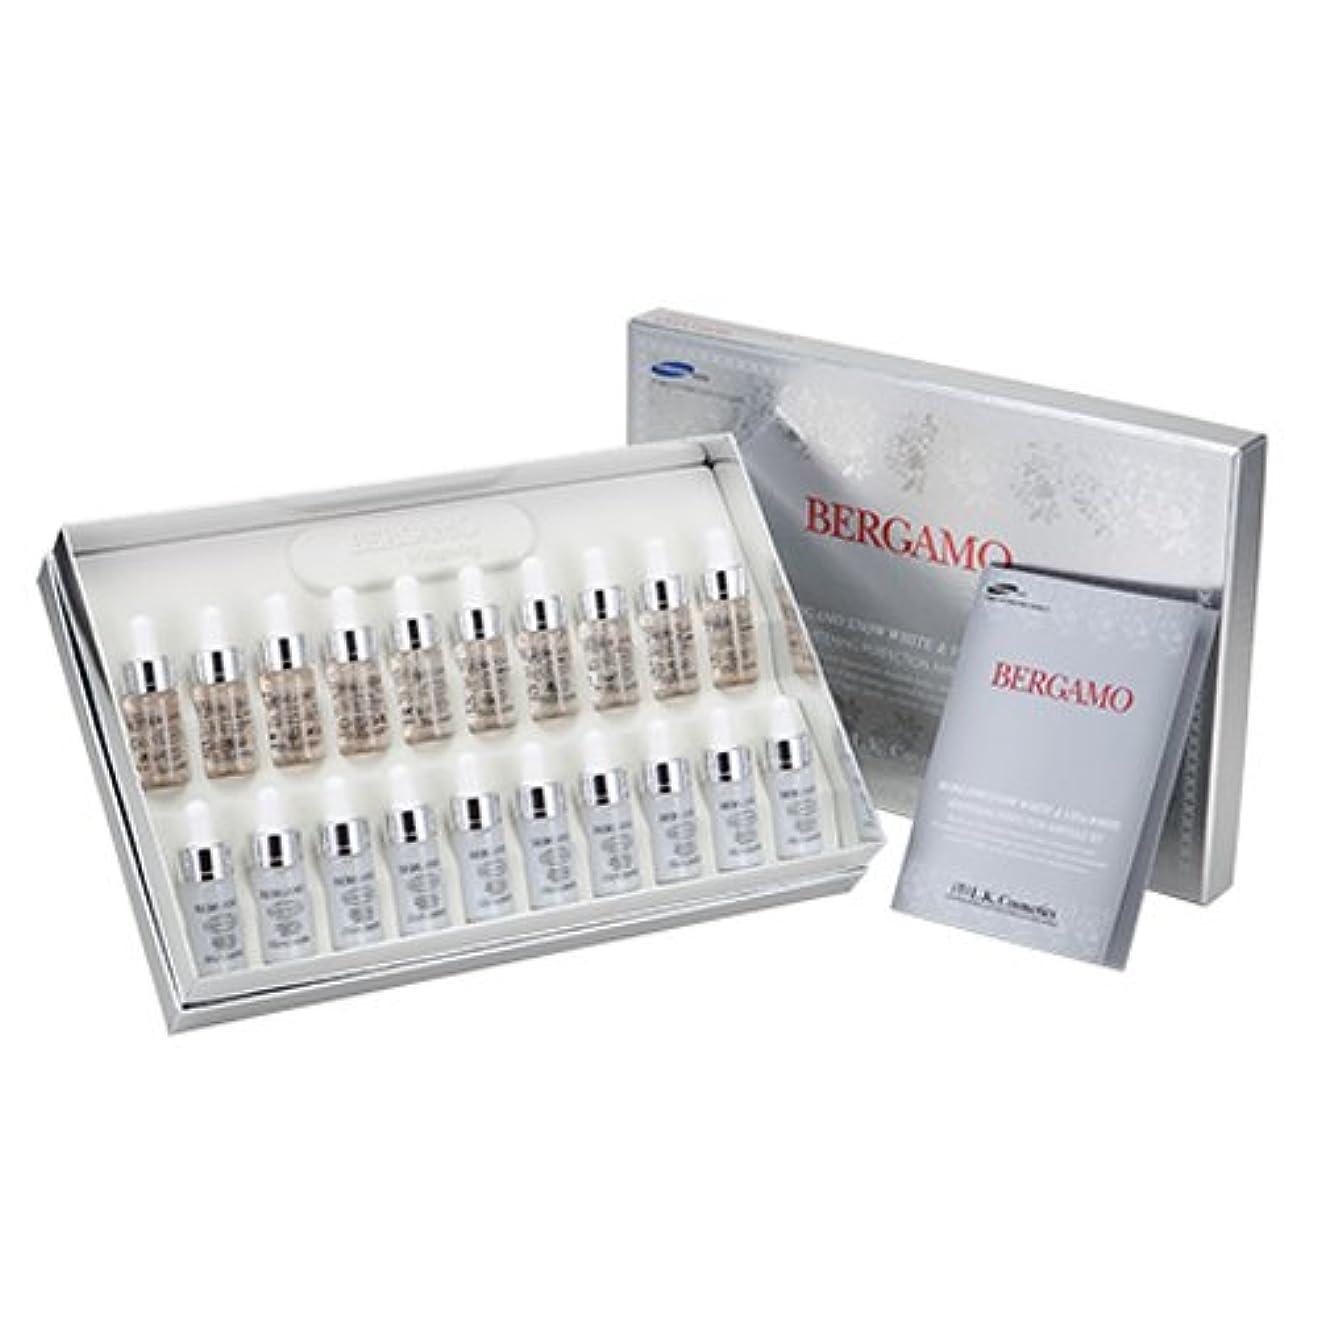 定義するビームギャロップベルガモ[韓国コスメBergamo]White Vitamin Ampoule Set ホワイトビタミン高濃縮アンプル20本セット13mlX20個[並行輸入品]